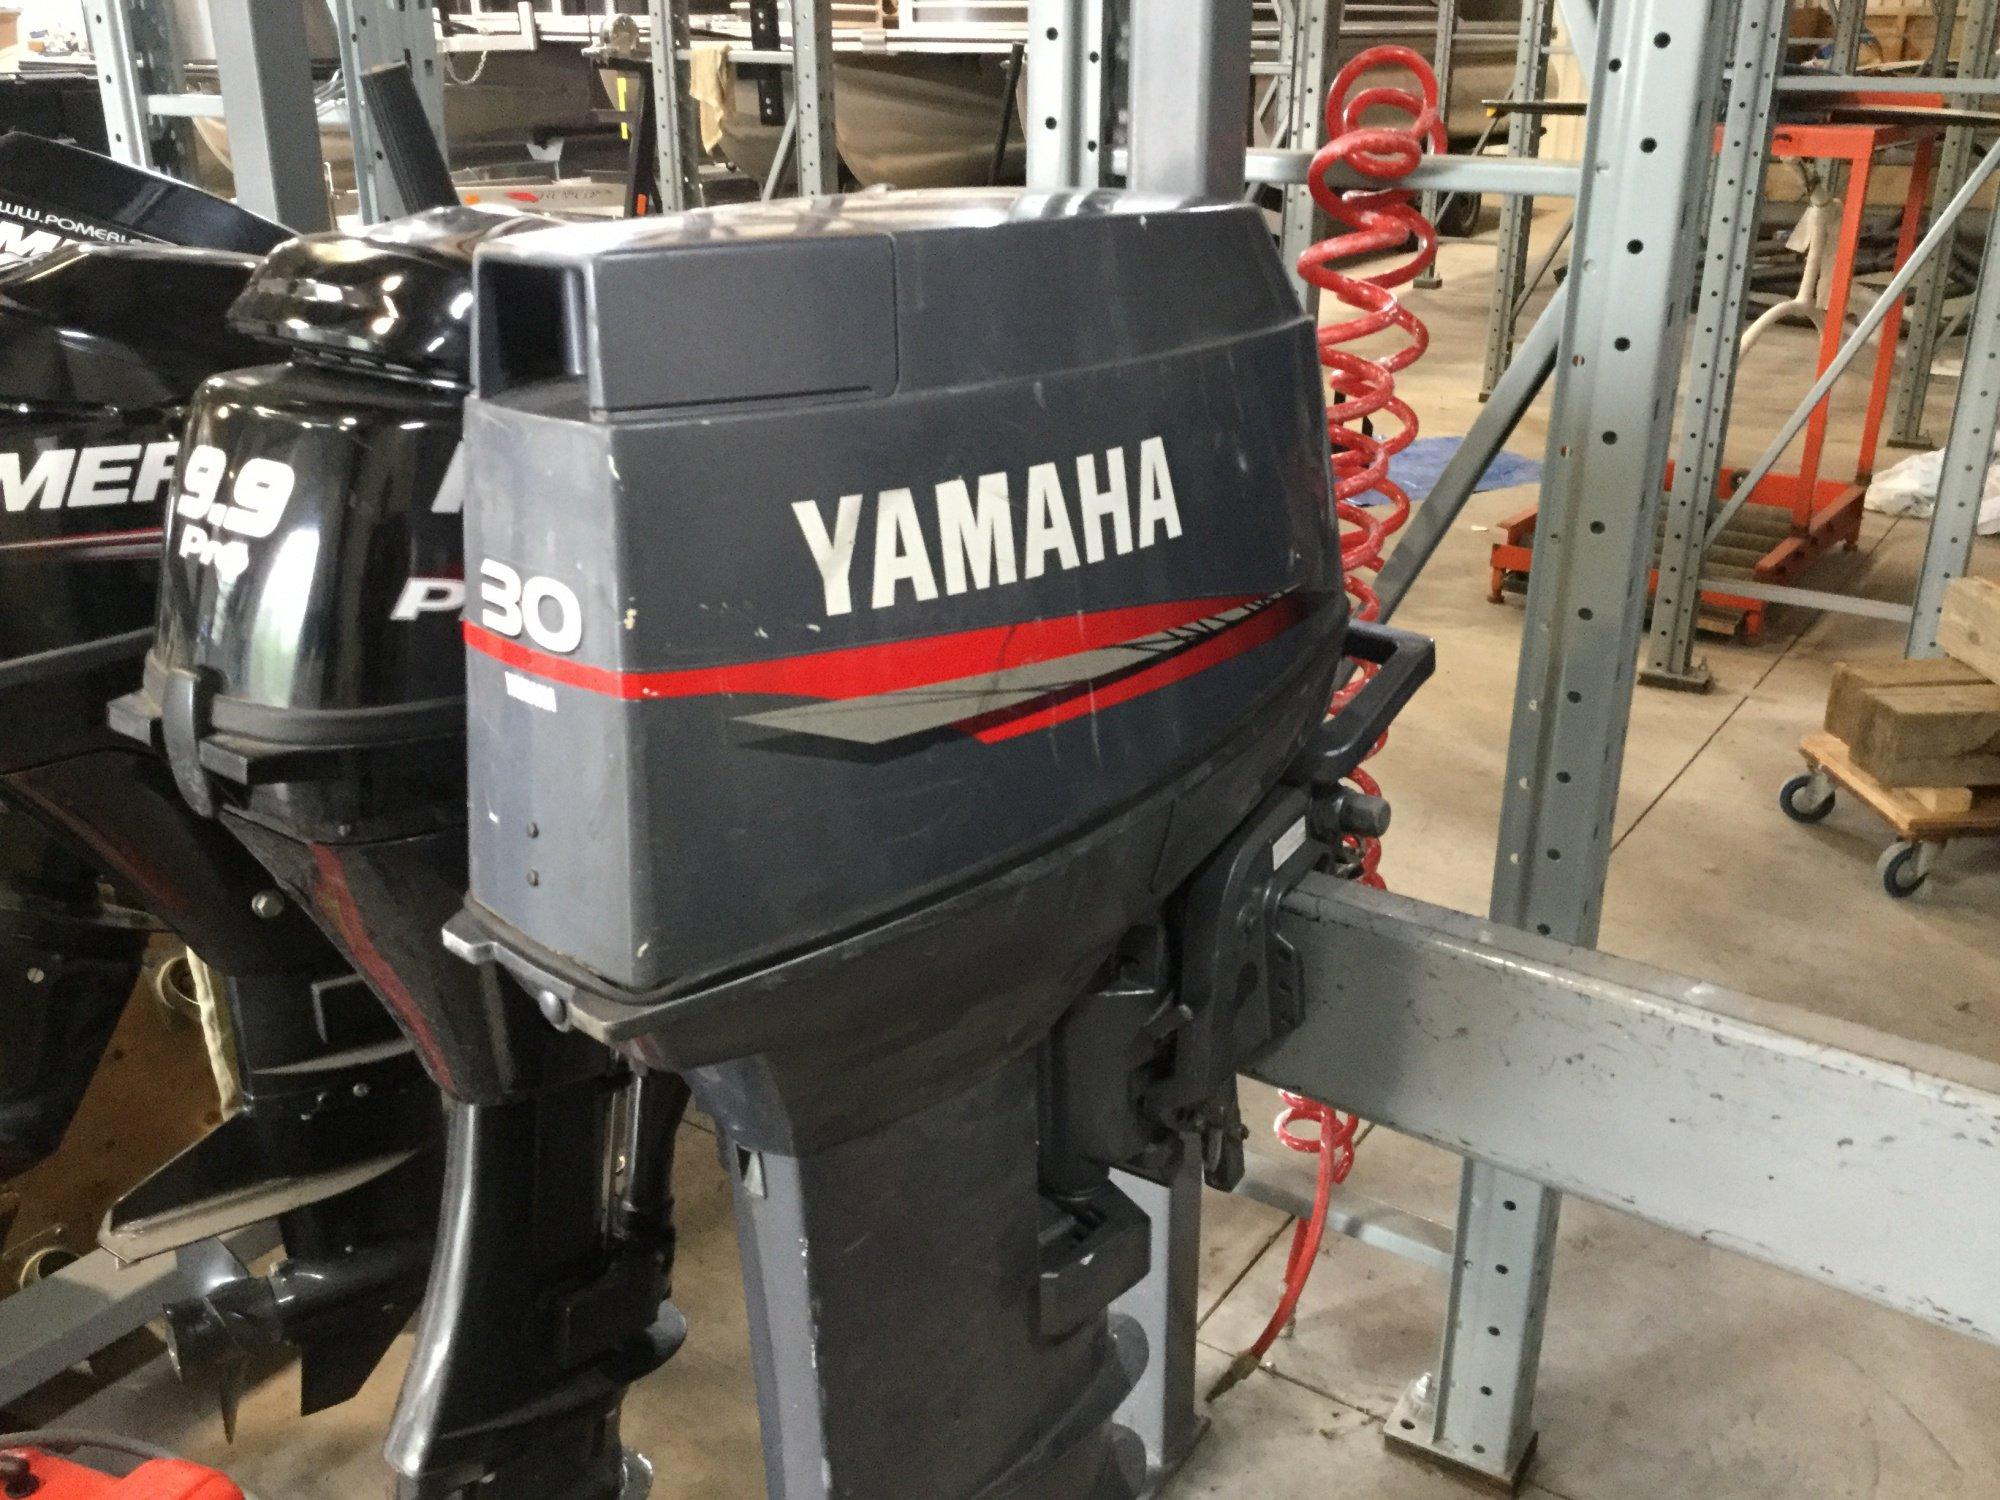 Yamaha 30 Tiller - IMG_1633